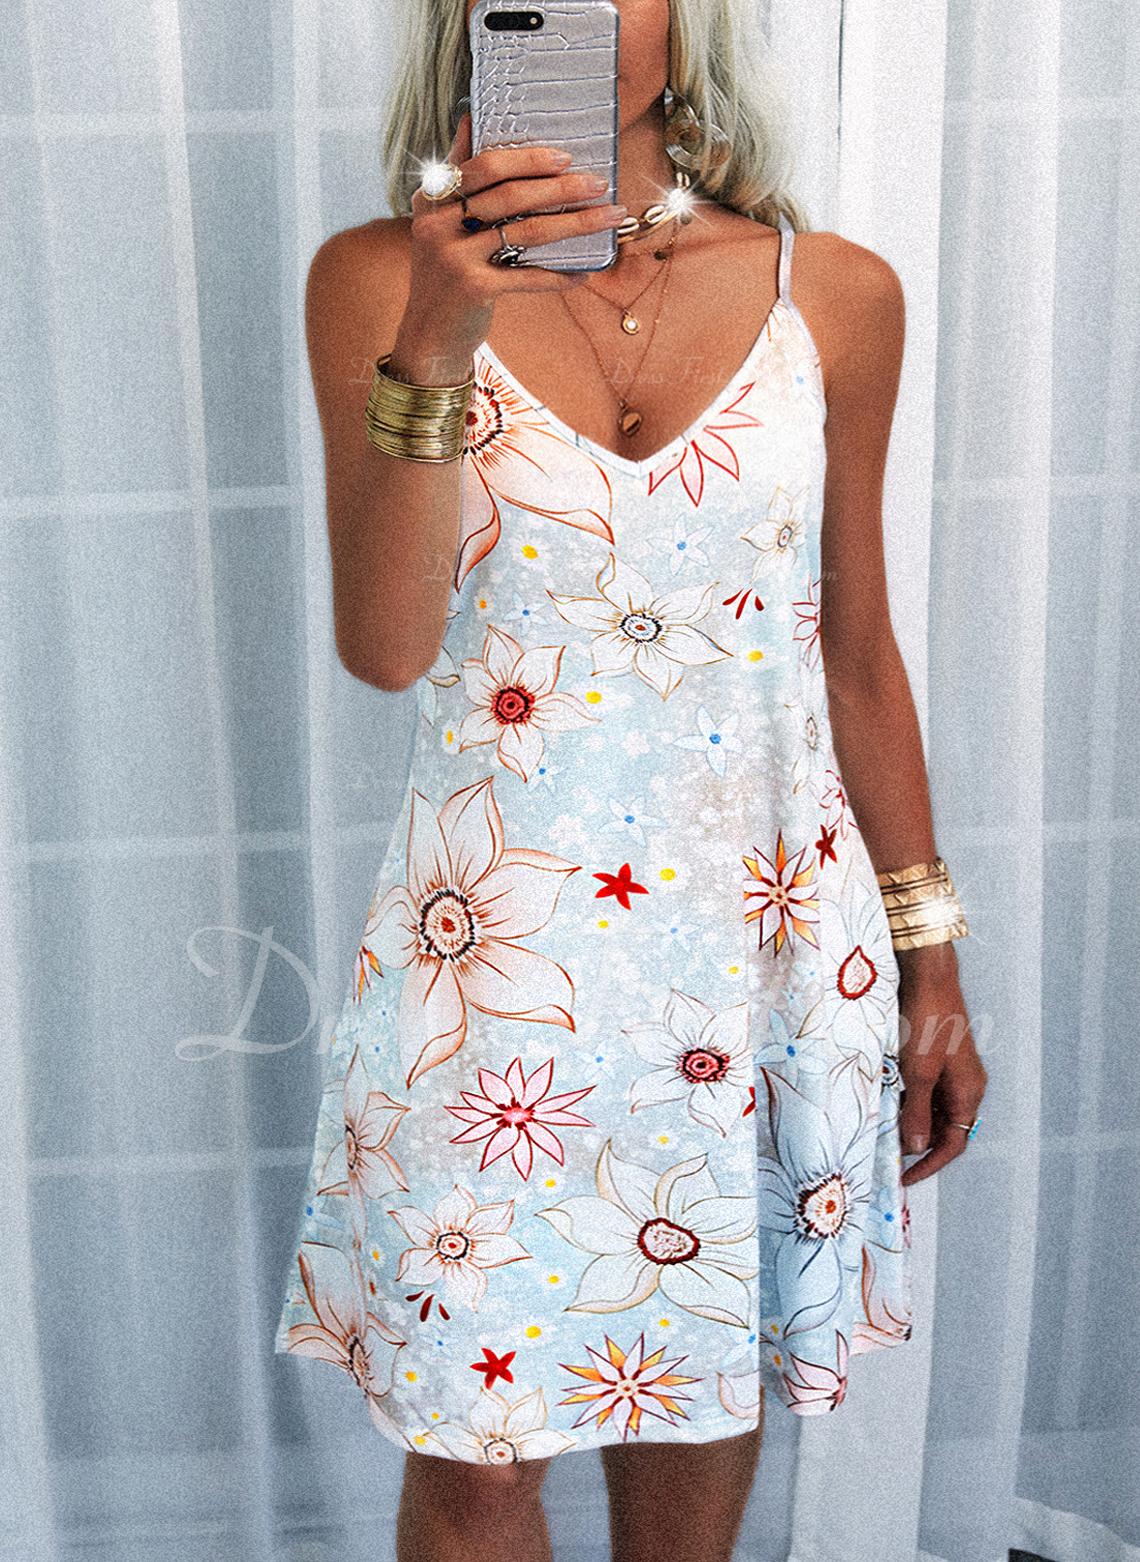 Floral Impresión Vestido línea A Sin mangas Mini Casual Vacaciones Patinador Tipo Vestidos de moda